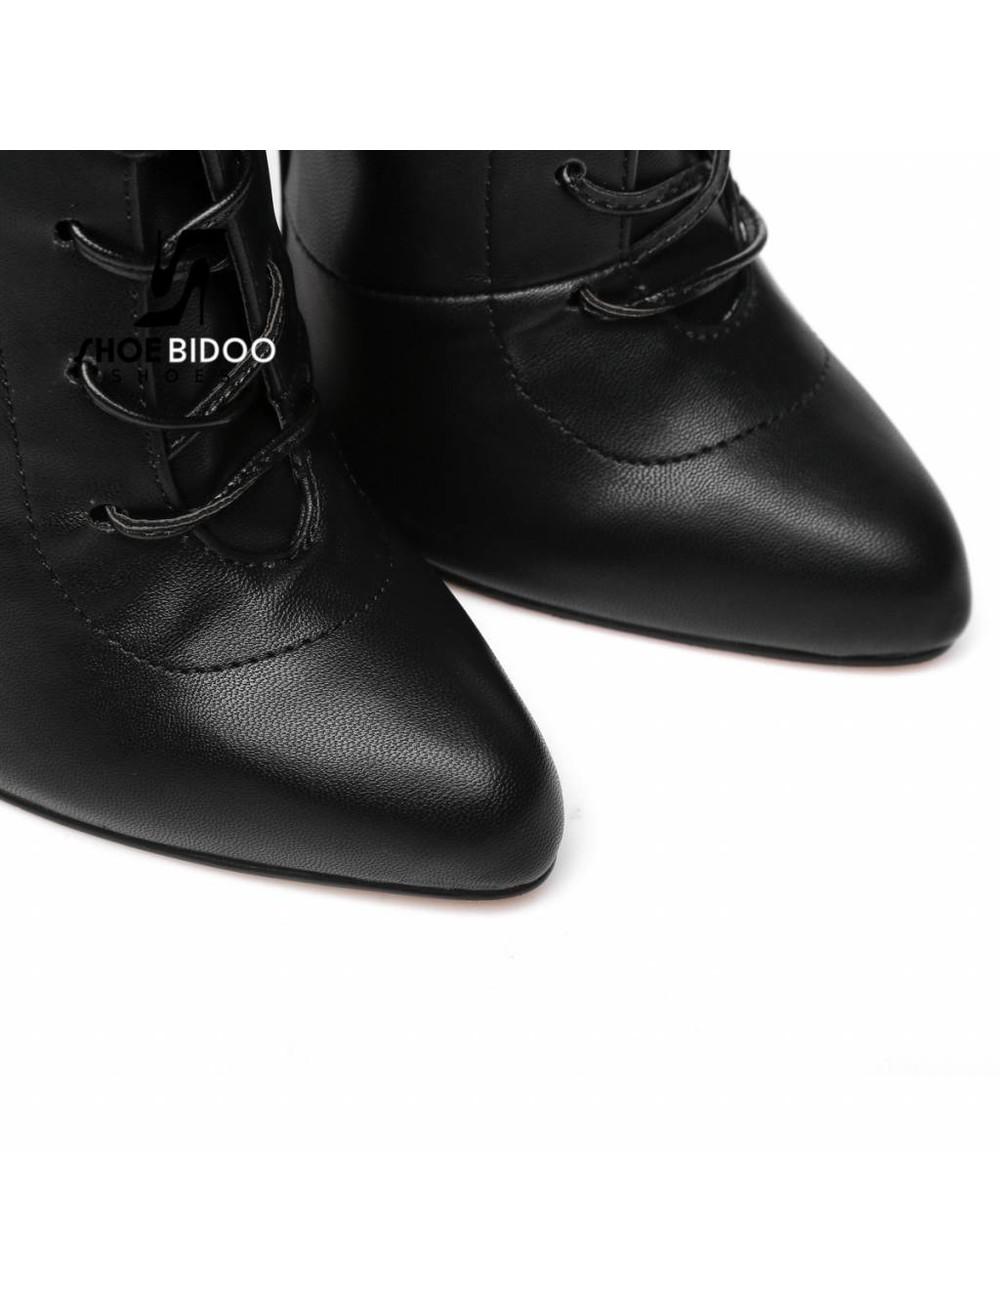 Giaro Schwarze Stiefeletten mit extrem hohen silbernen Metallabsätzen und Schnürung